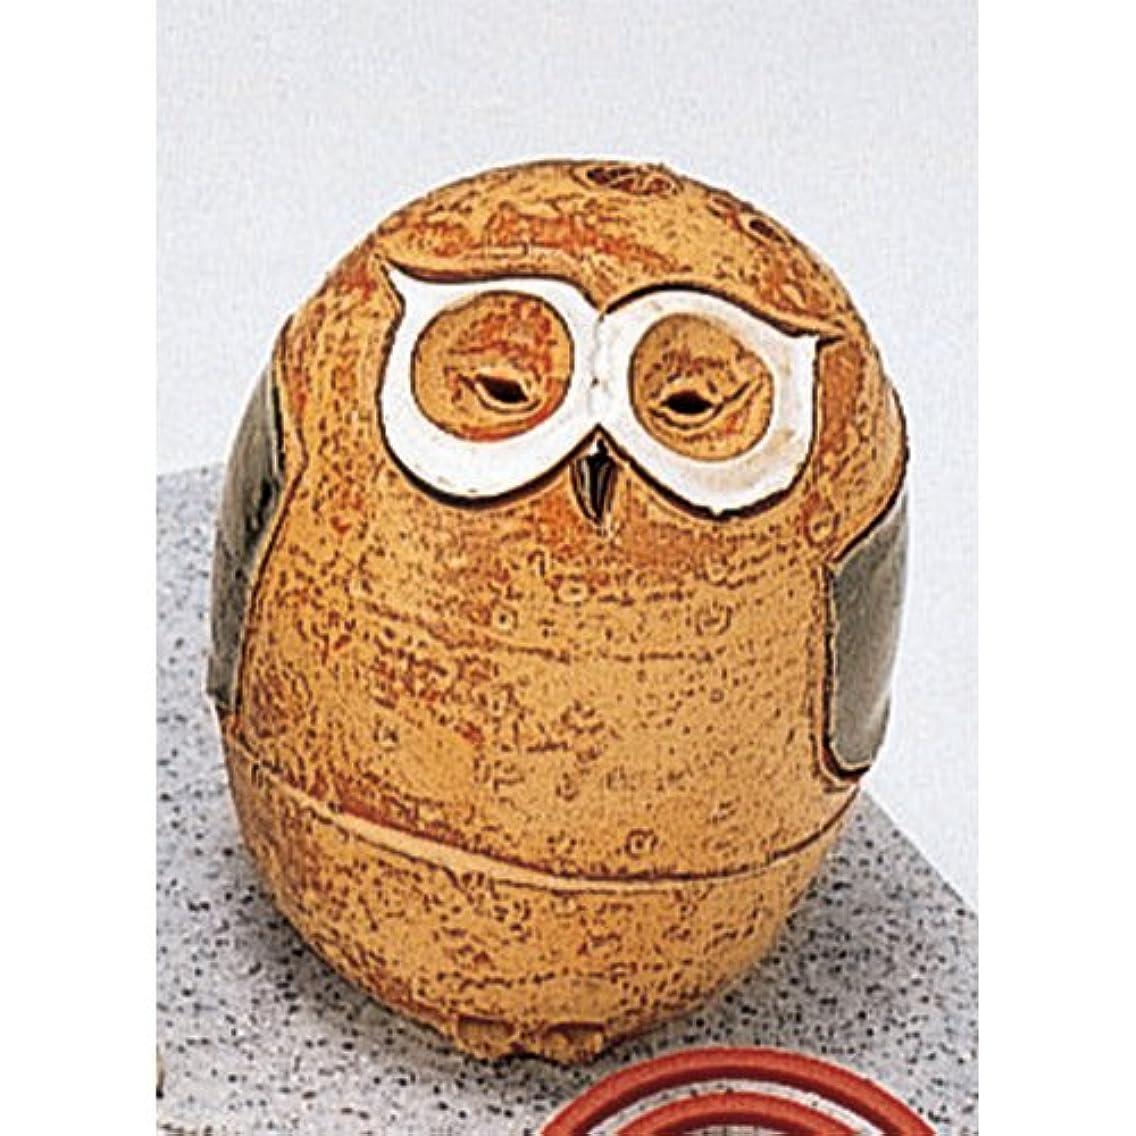 パックフェード限定香炉 フクロウ 香炉(大) [R7xH9.3cm] HANDMADE プレゼント ギフト 和食器 かわいい インテリア